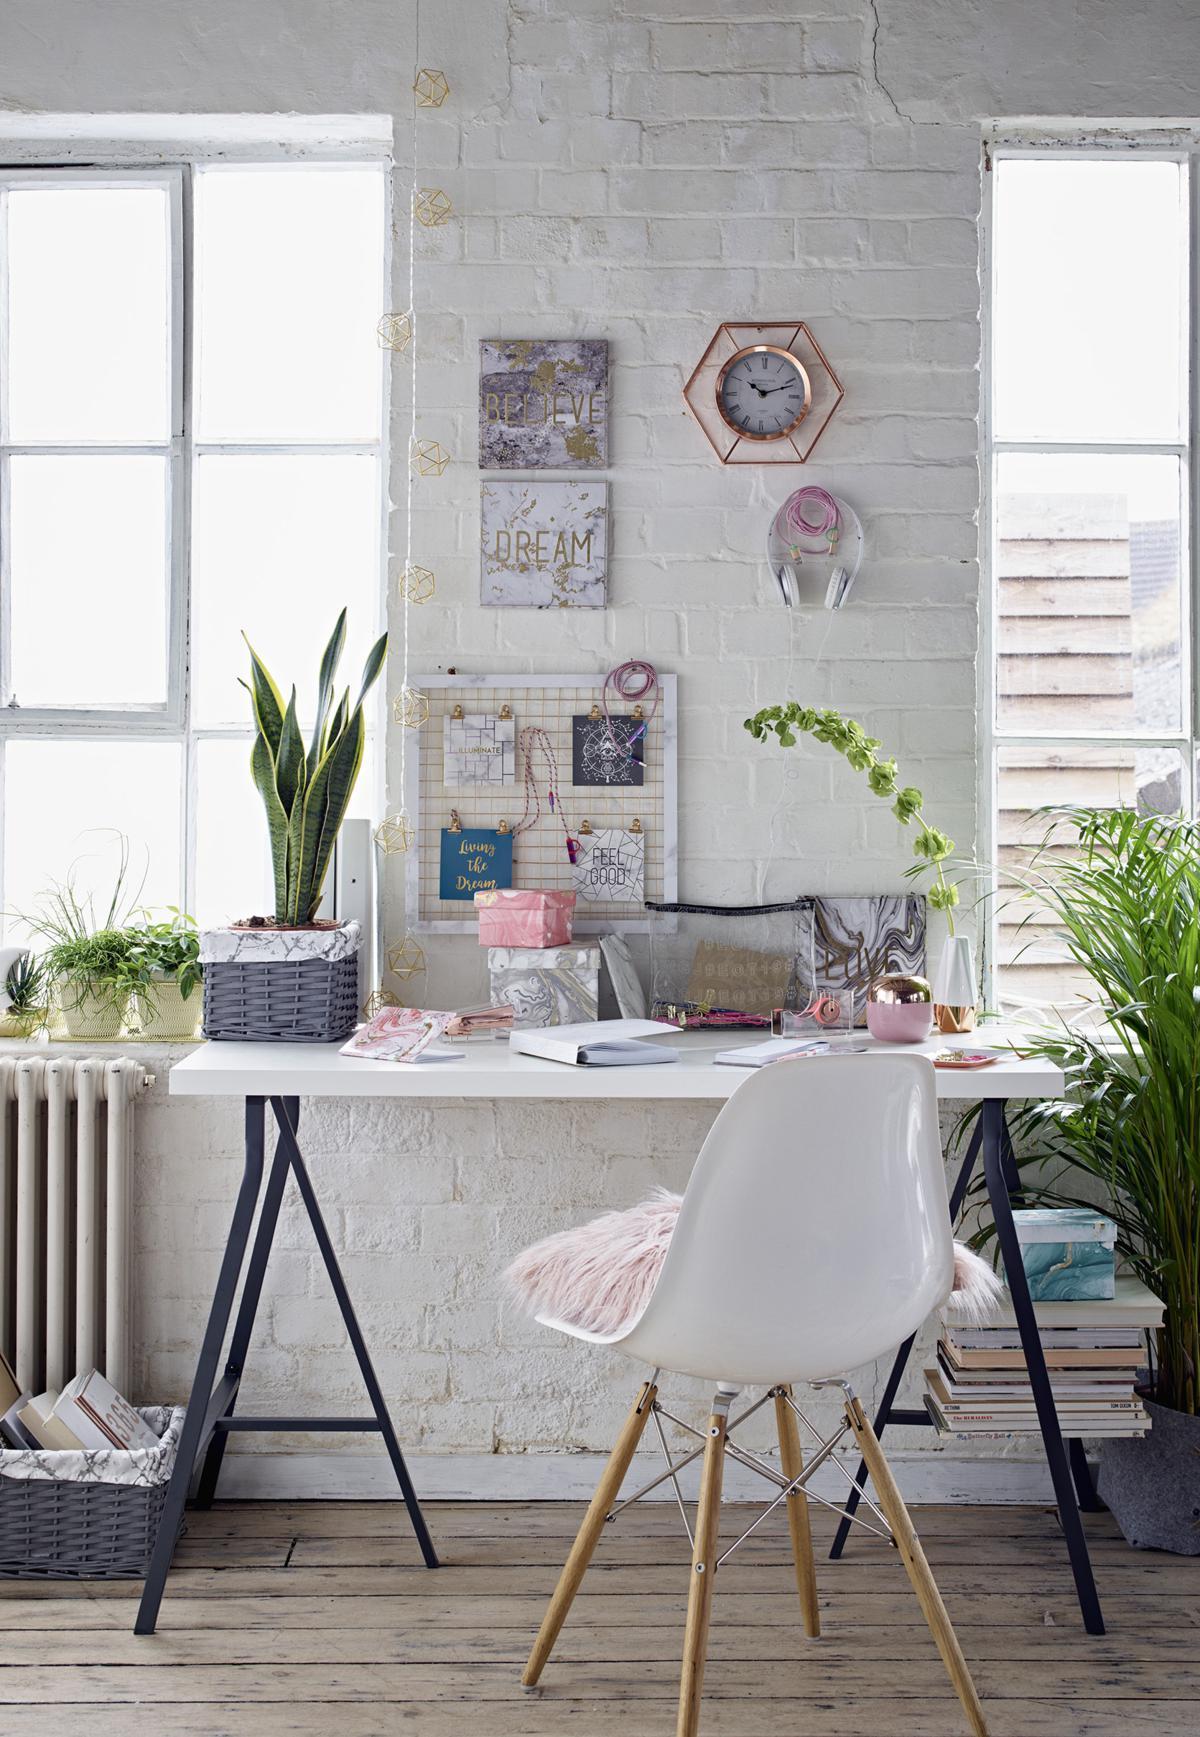 Idee arredamento ecco minimalux di primark home fashion for Idee di arredamento